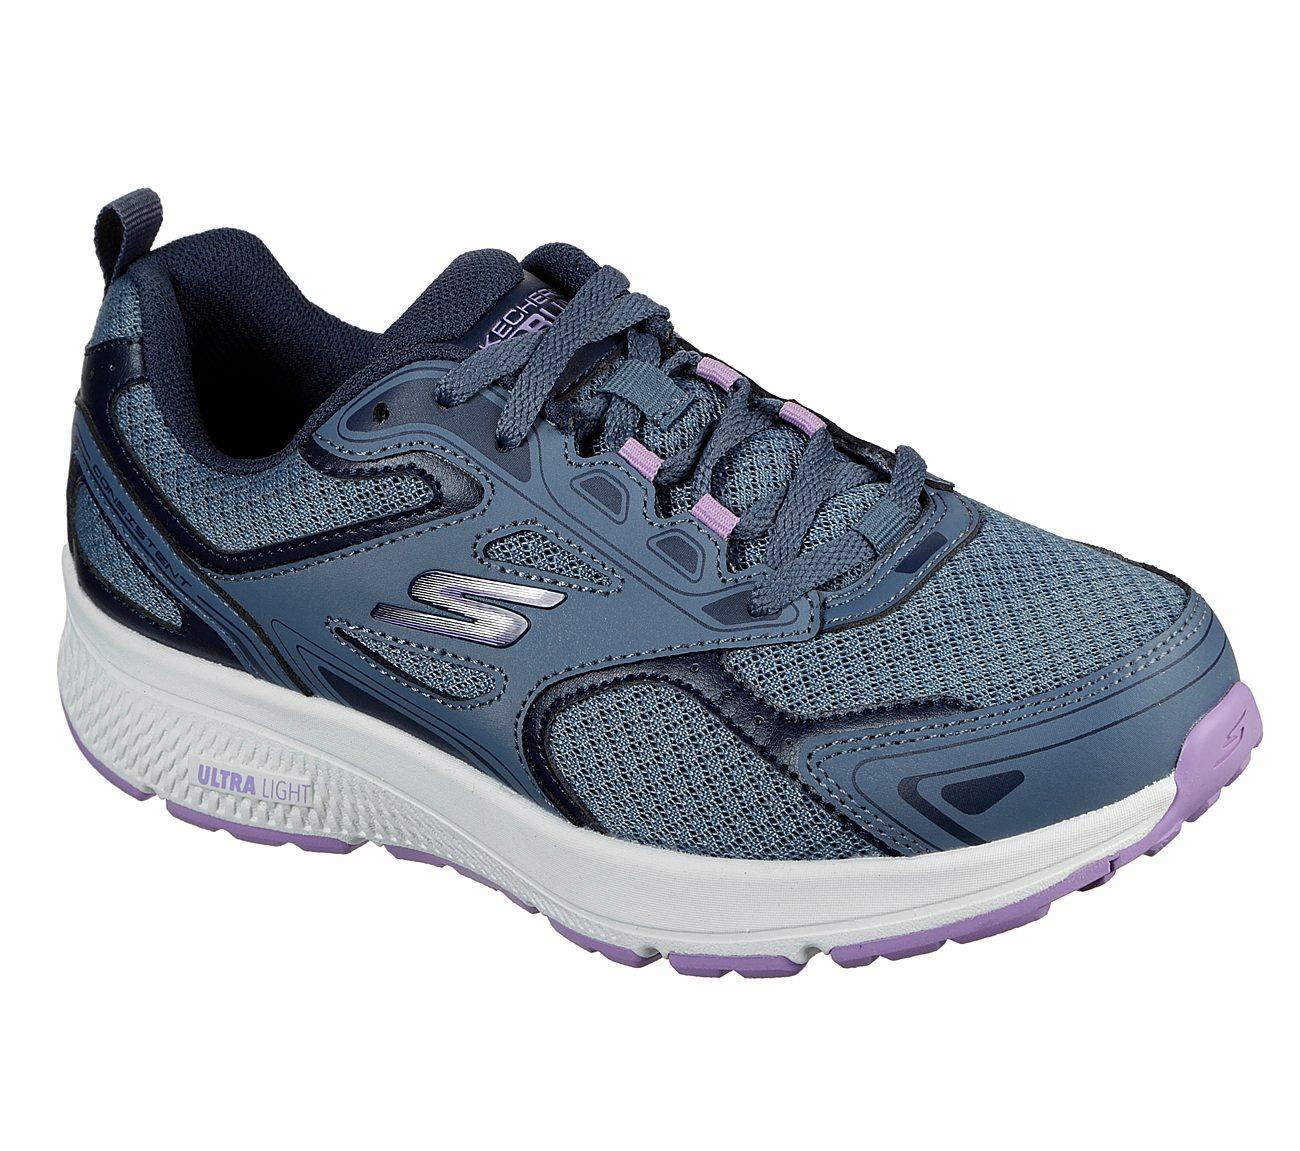 Skechers Go Run Consıstent Bayan Ayakkabısı